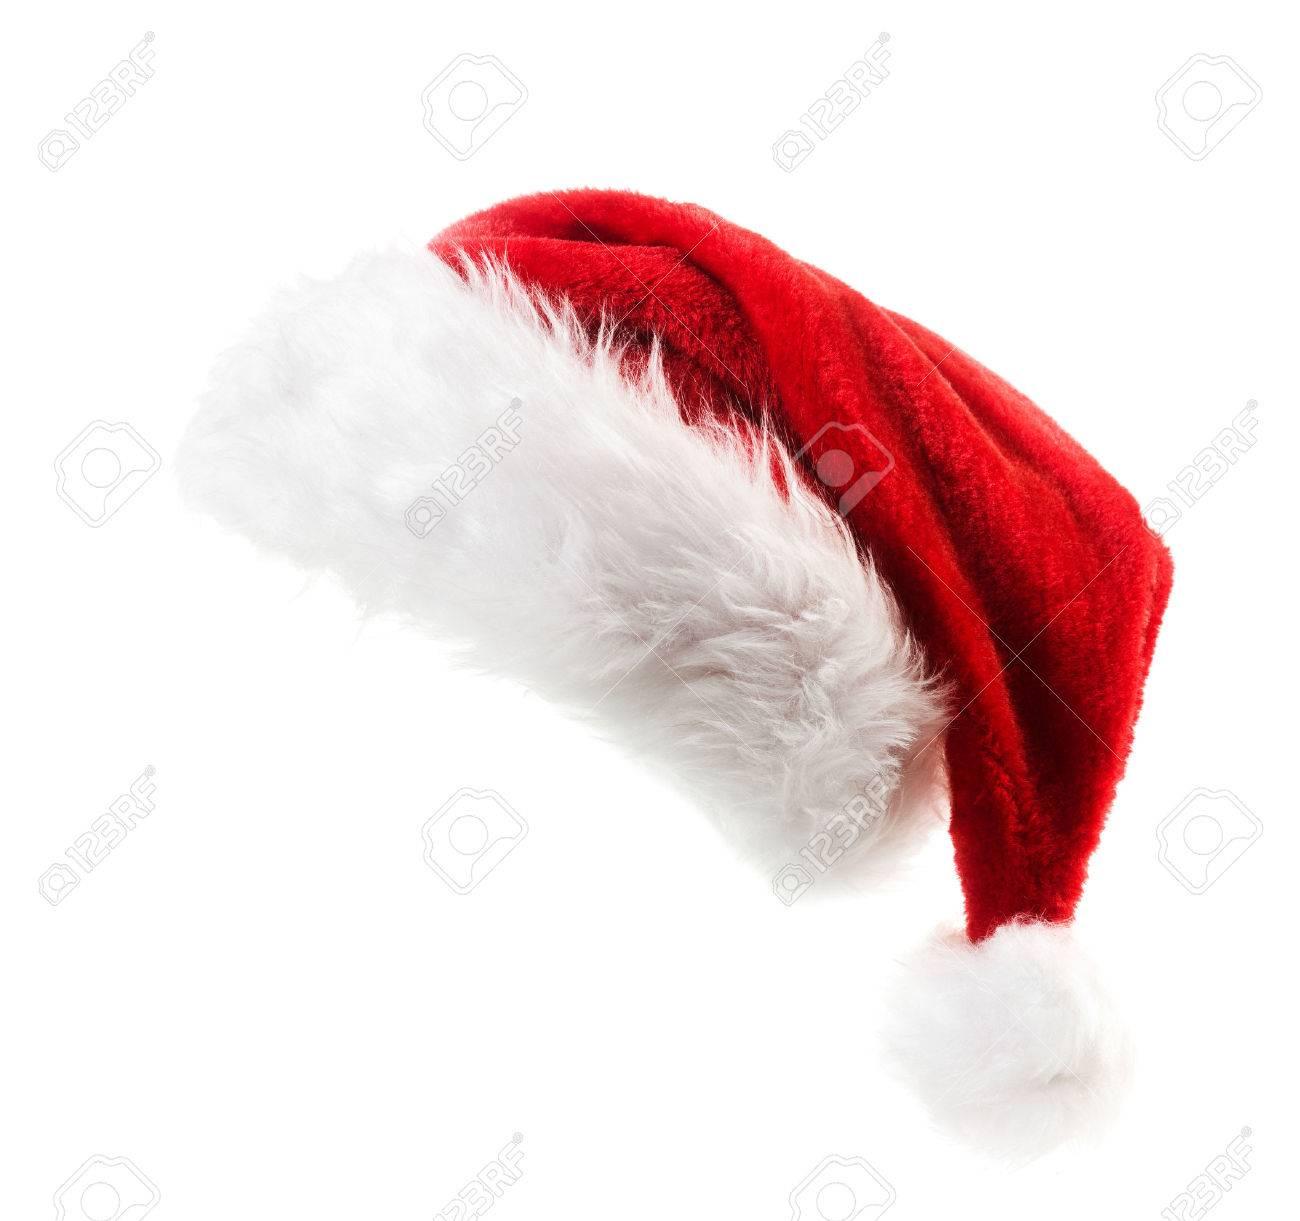 Santa hat isolated on white background - 32990255